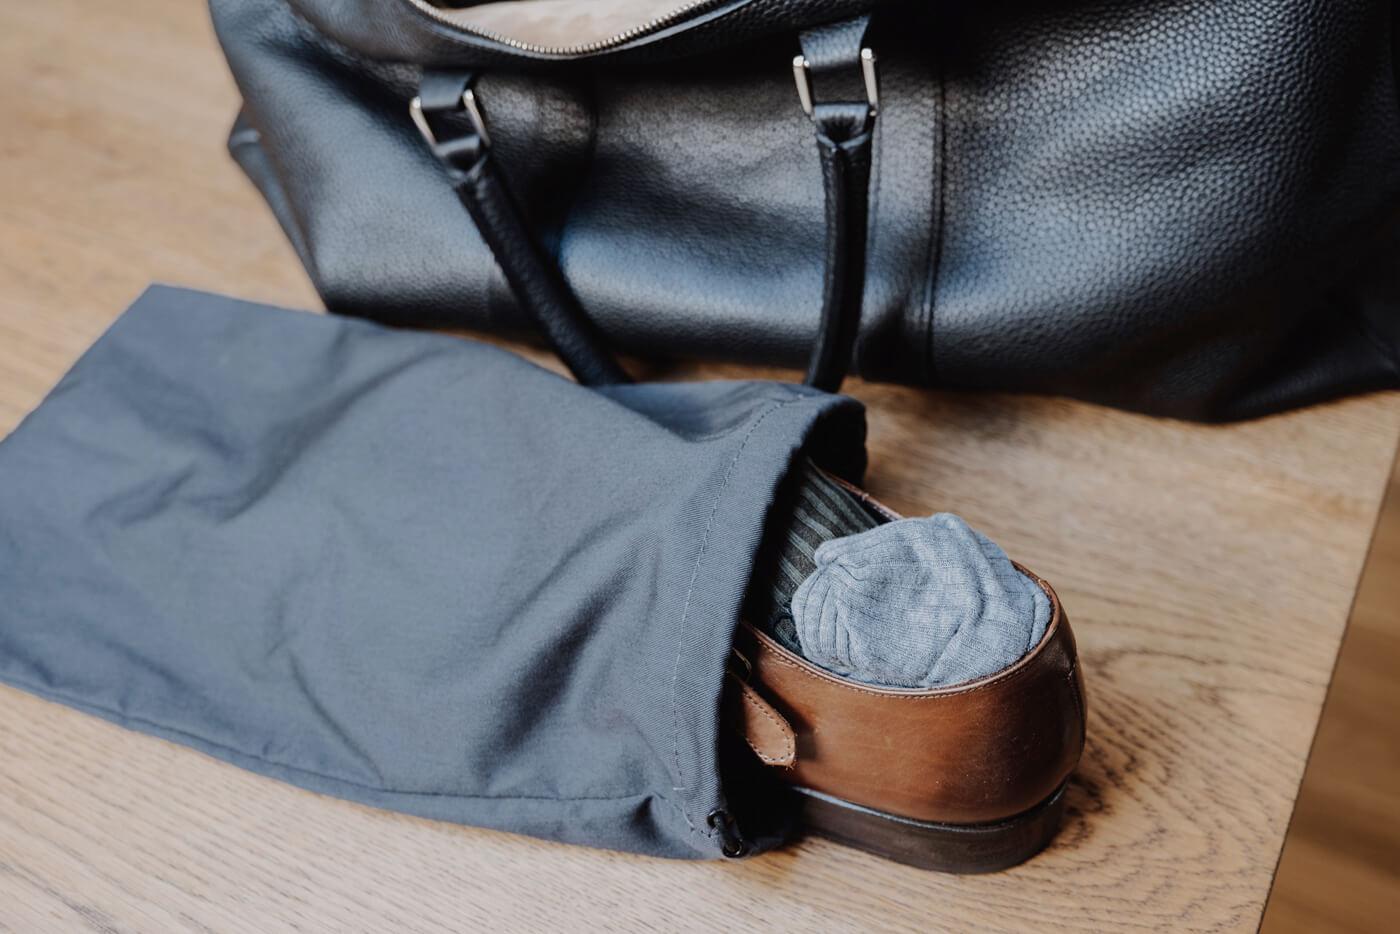 buty w bagazu podrecznym